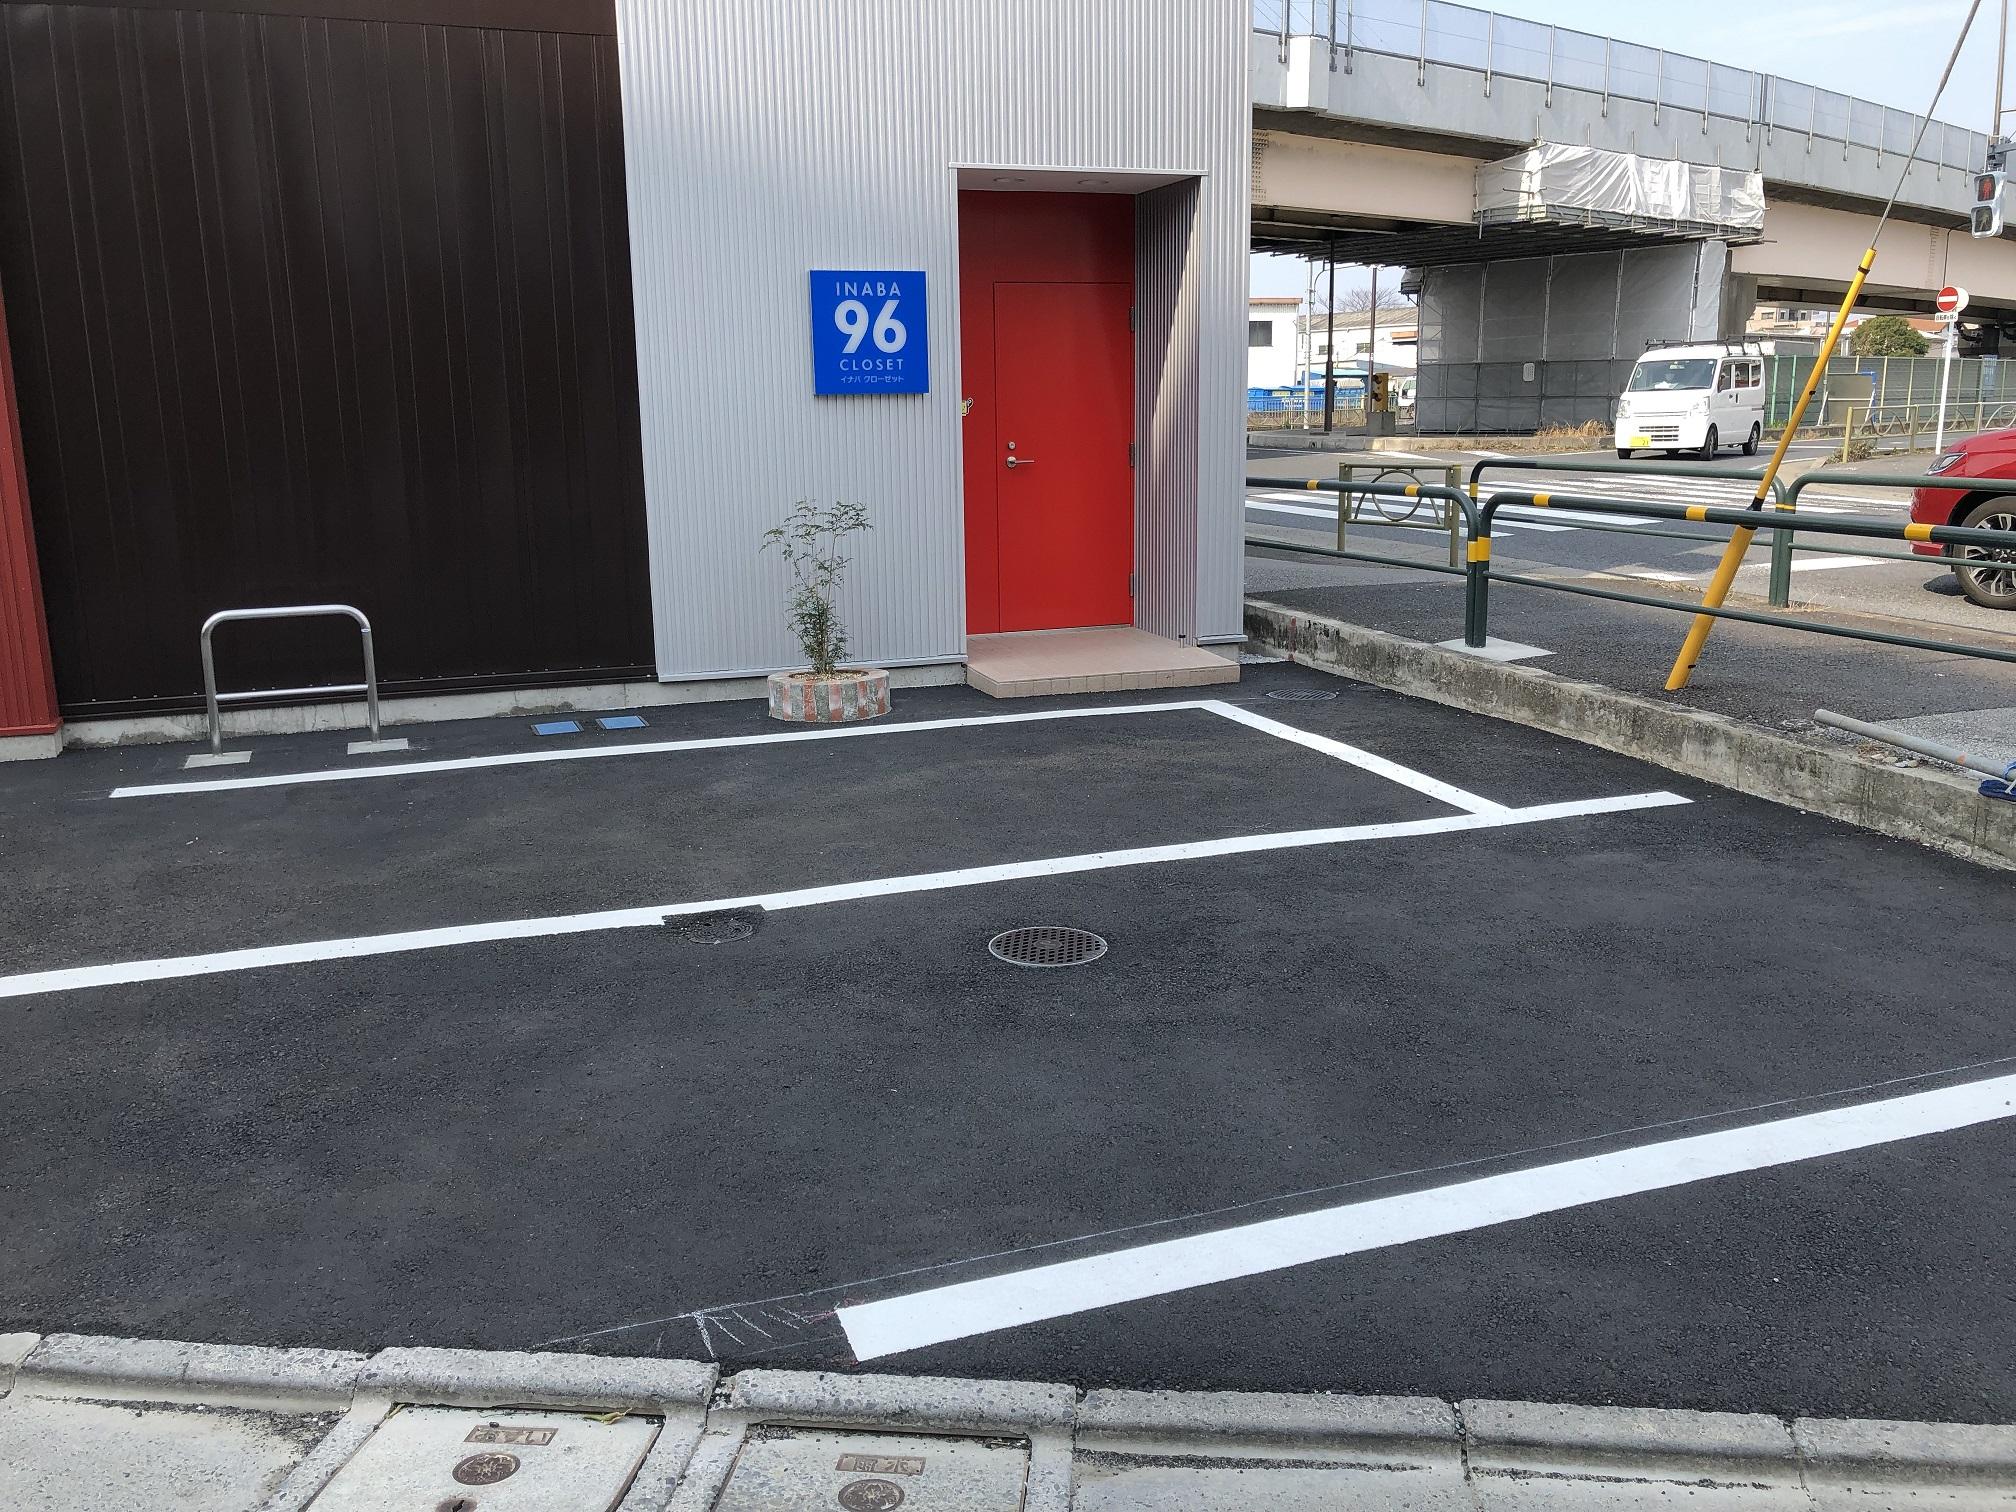 INABA96西保木間店 広々とした駐車スペース有